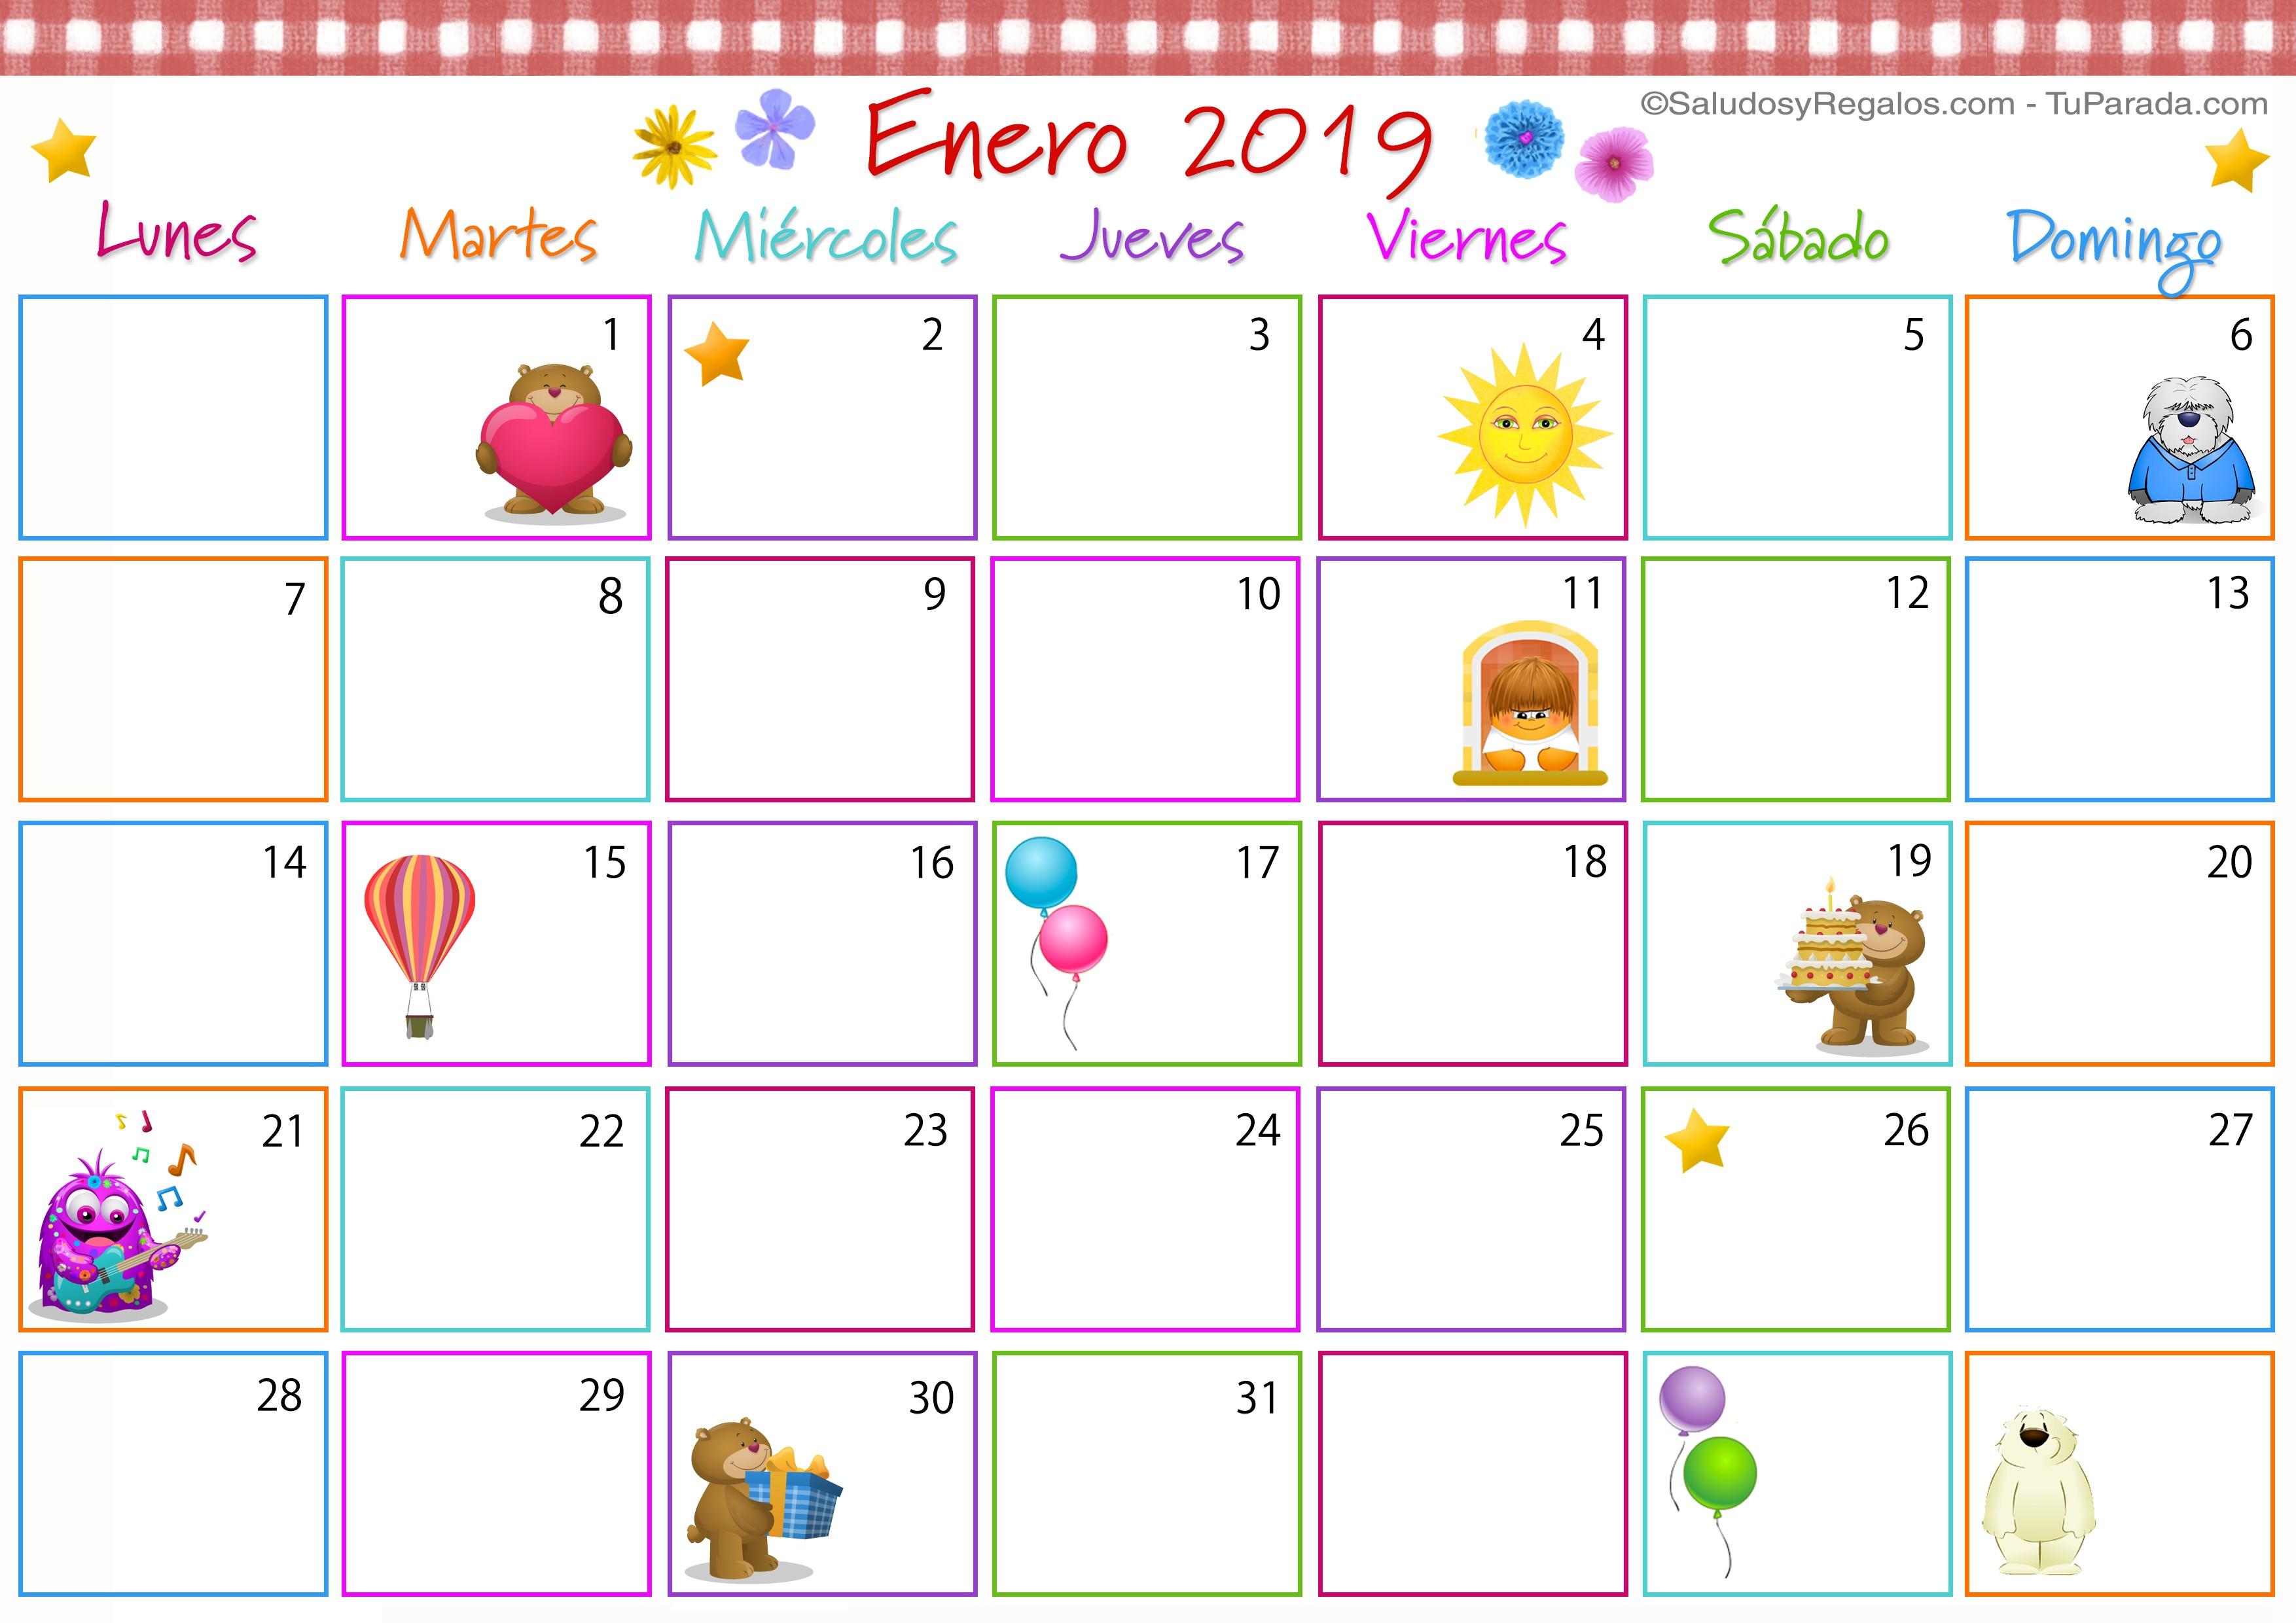 Calendario 2019 Word De Lunes A Domingo Más Recientemente Liberado Mensajes En El foro Uniteddogs Of Calendario 2019 Word De Lunes A Domingo Recientes Pin De Calendario Hispano En Calendario Lunar A±o 2018